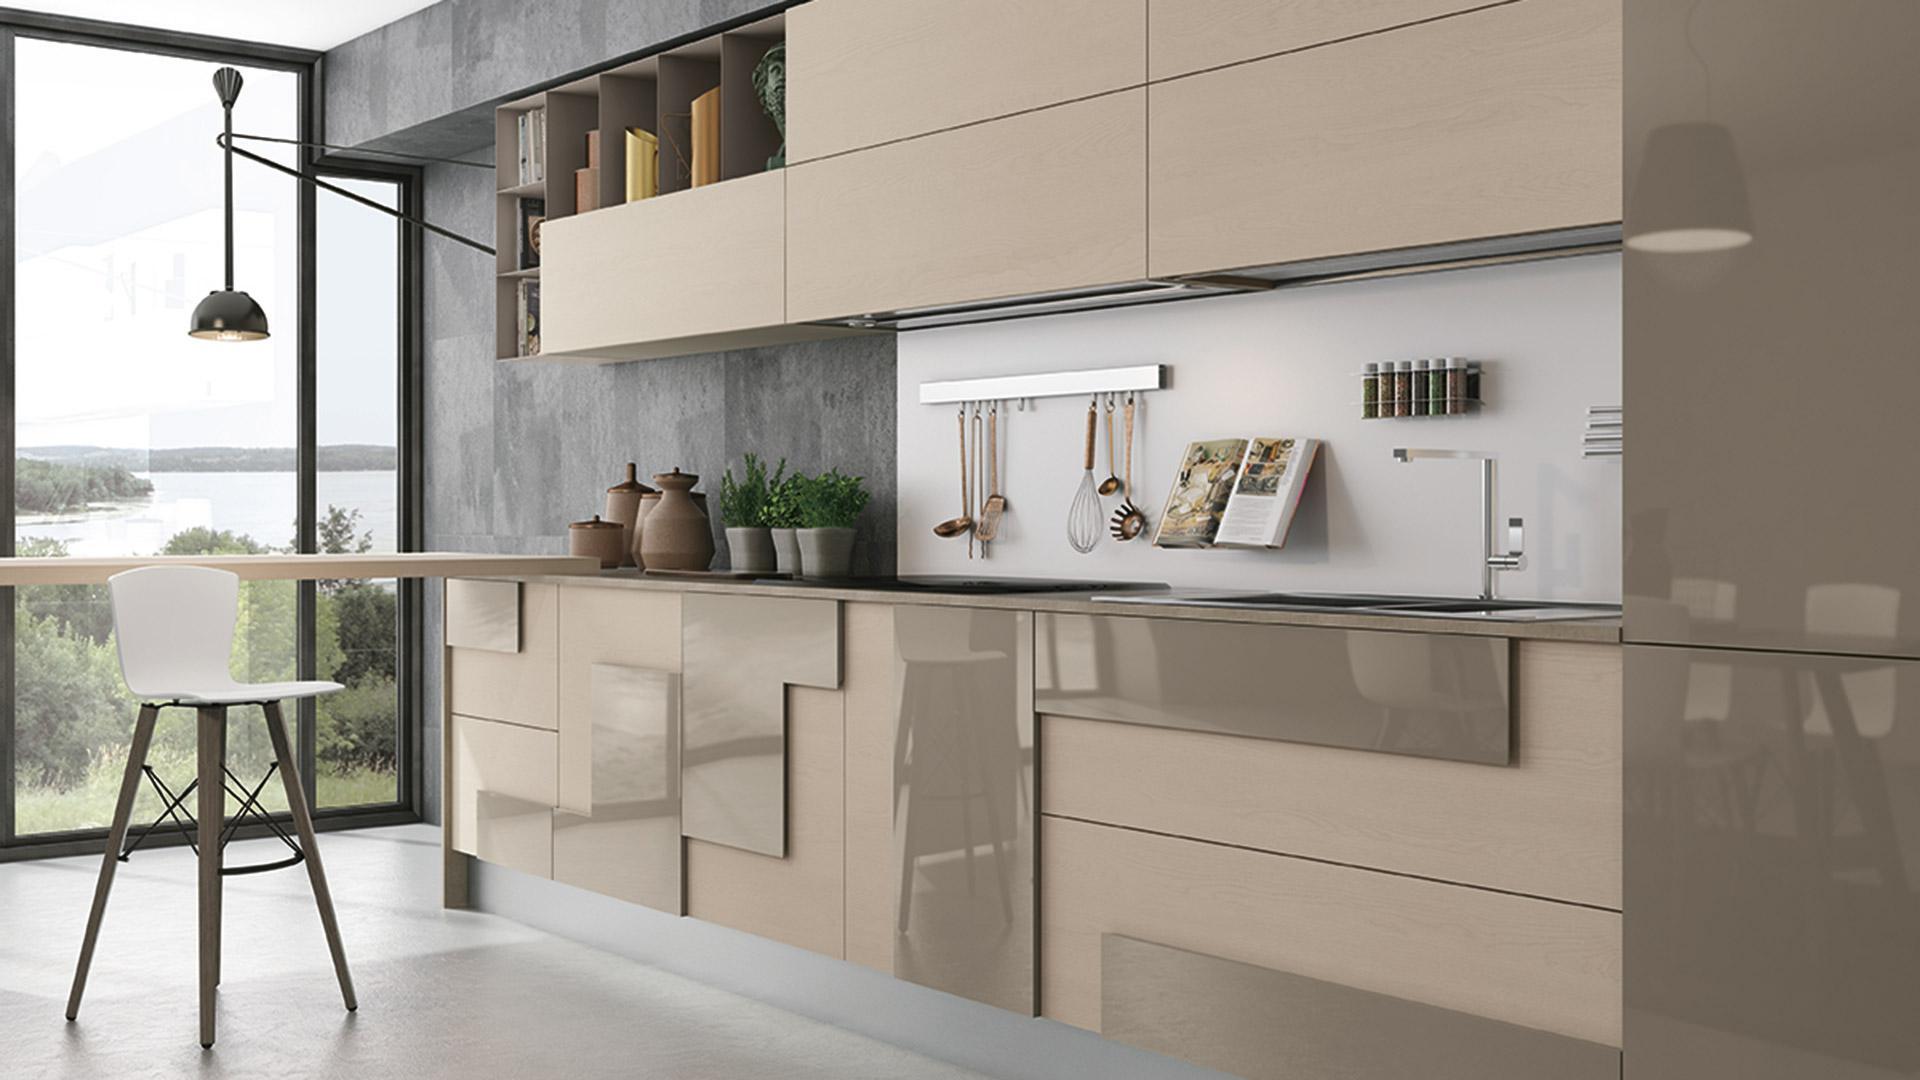 Mobiliagroup creativa 1 mobilia group divani cucine e for Mobilia camerette